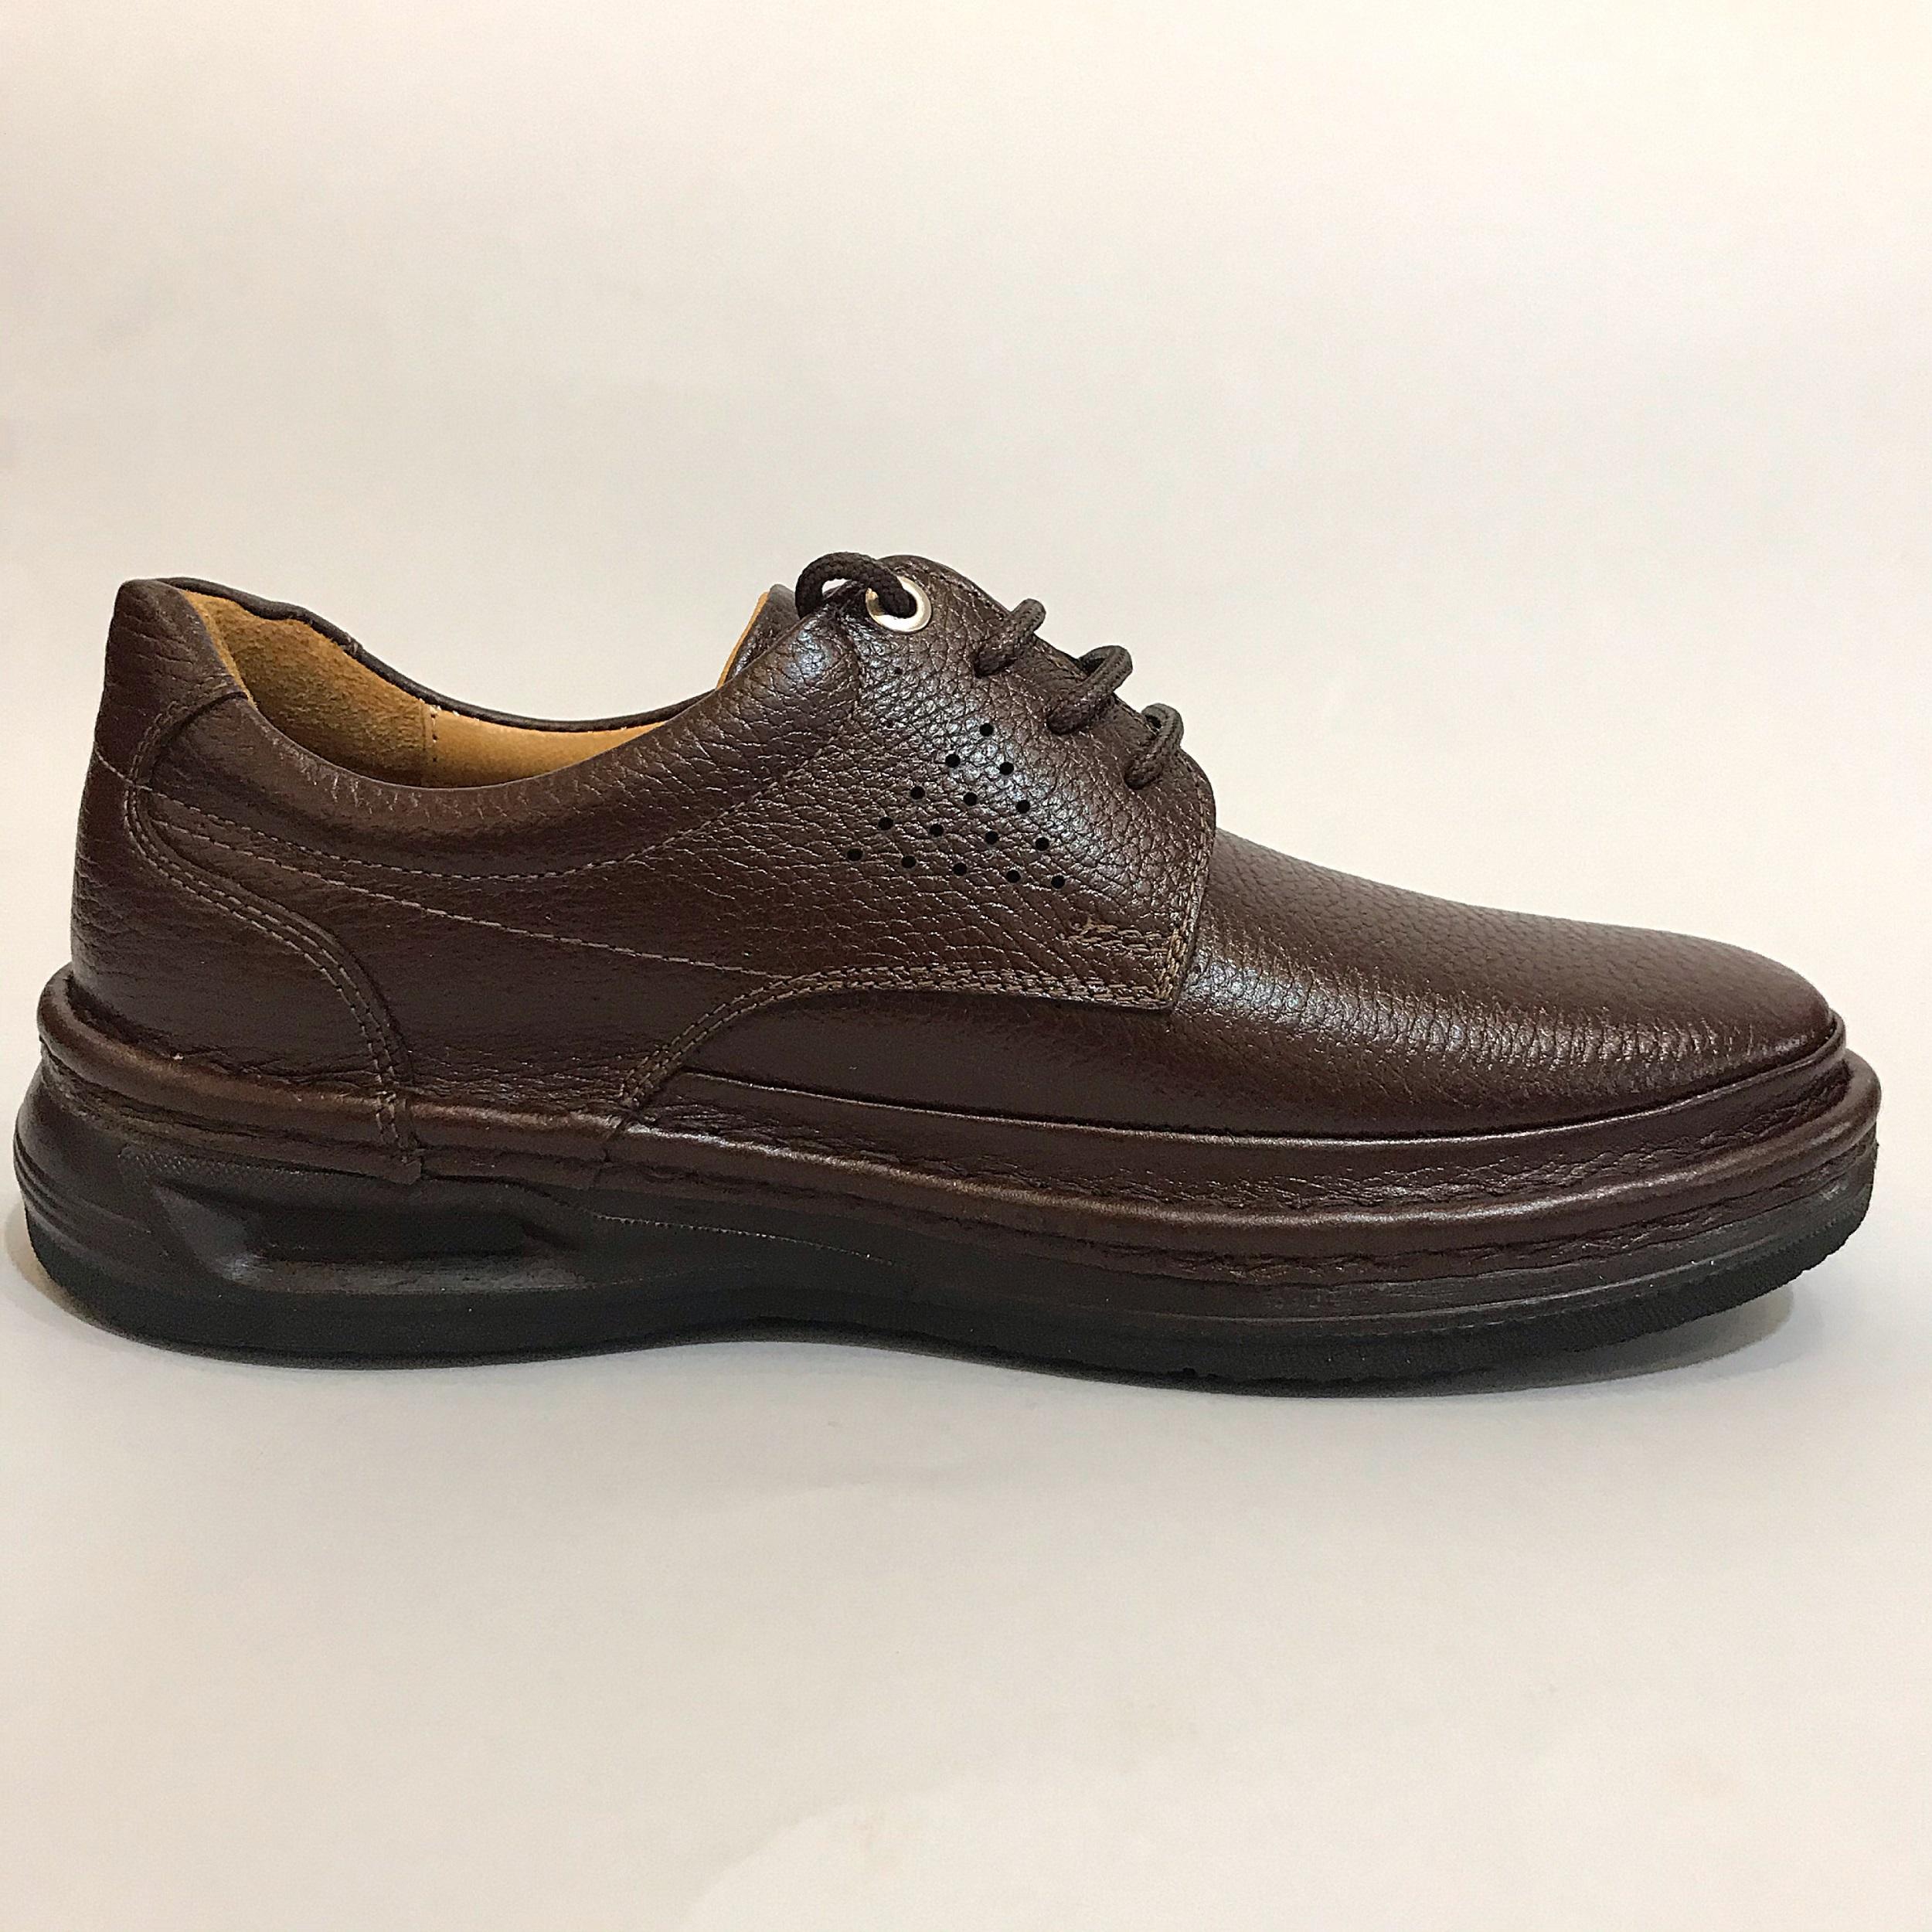 قیمت خرید کفش مردانه مدل 1100 اورجینال